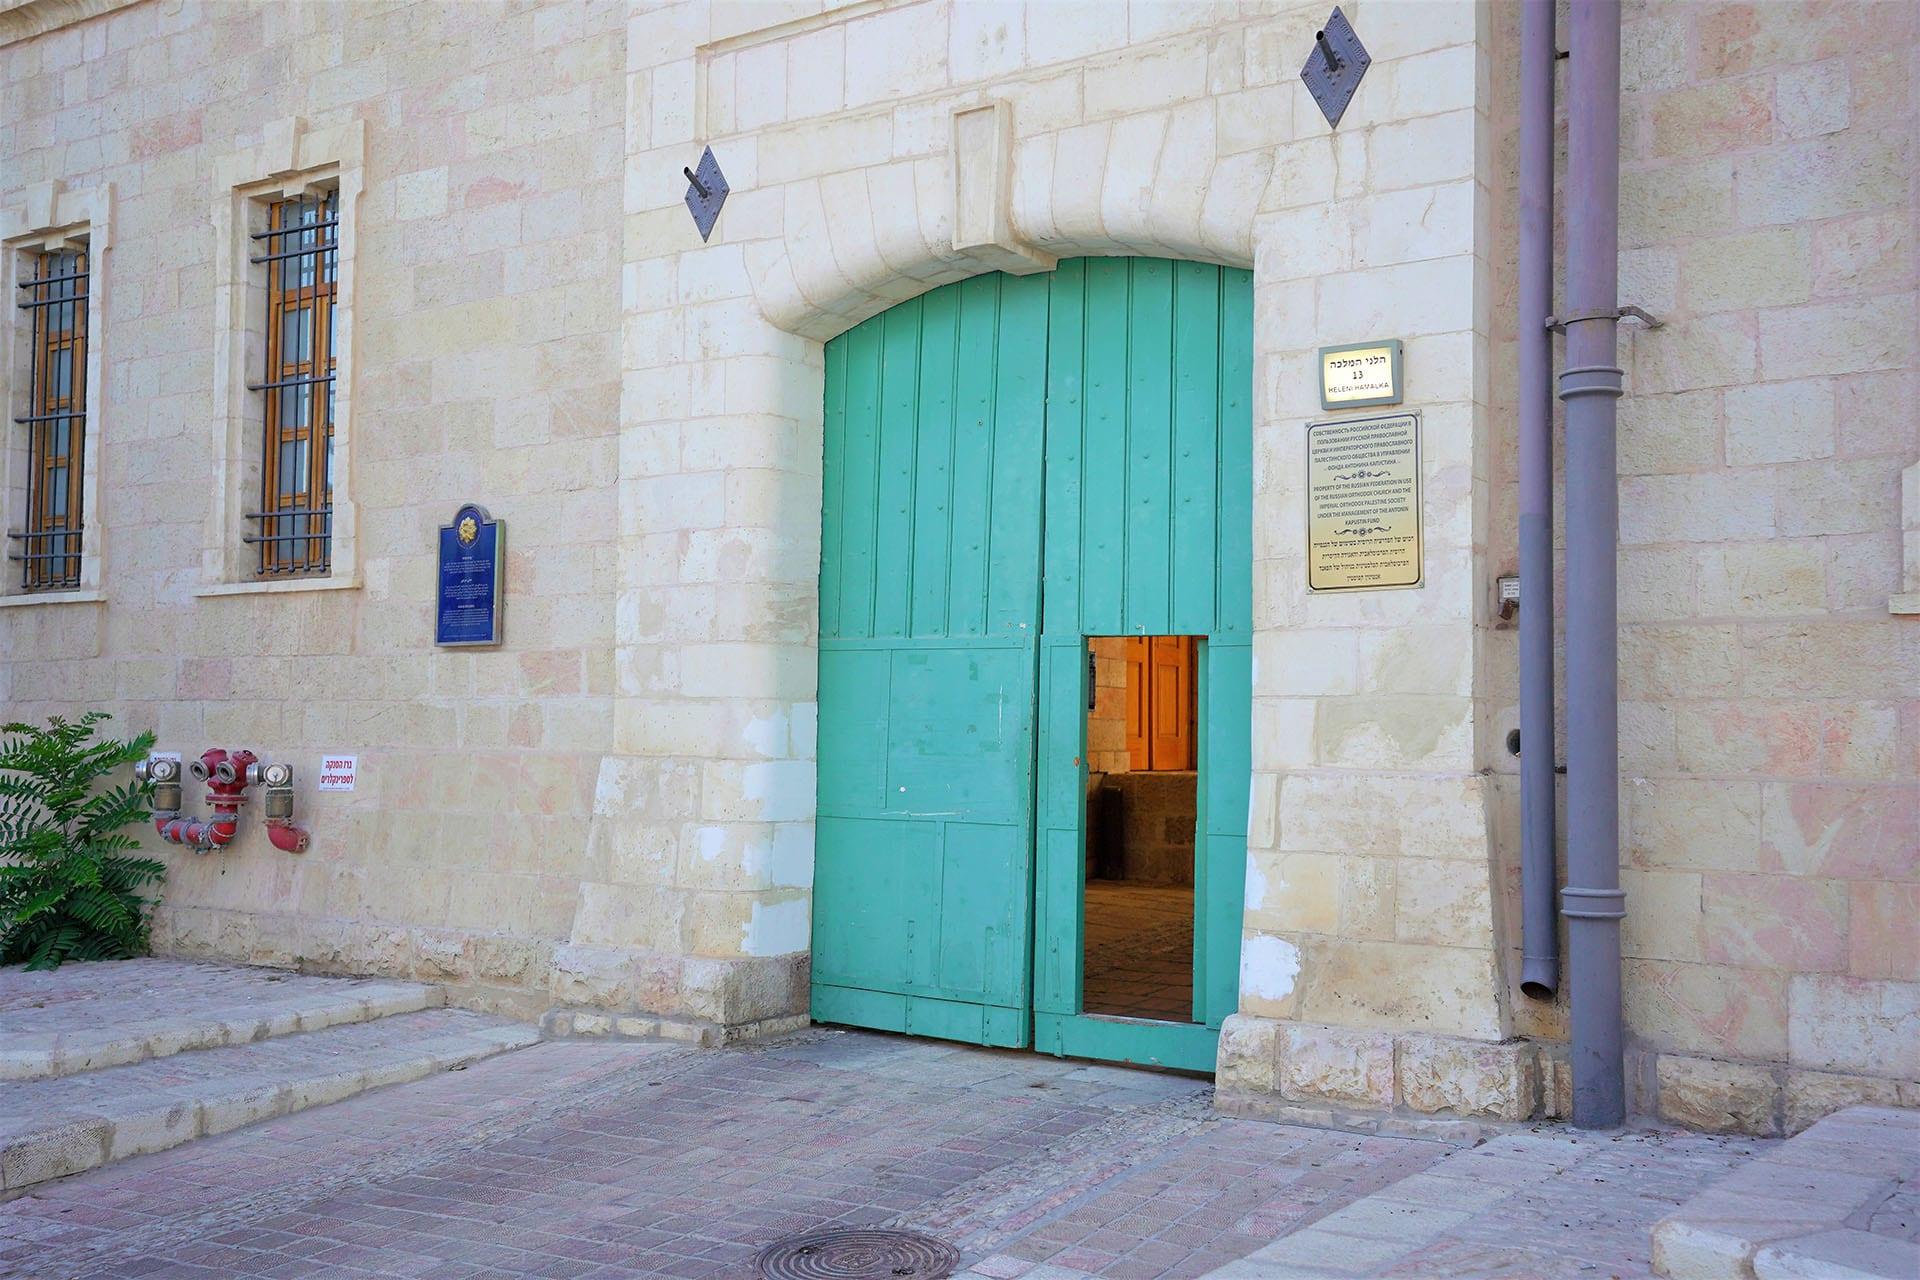 Sergei Palace Hotel Jerusalem